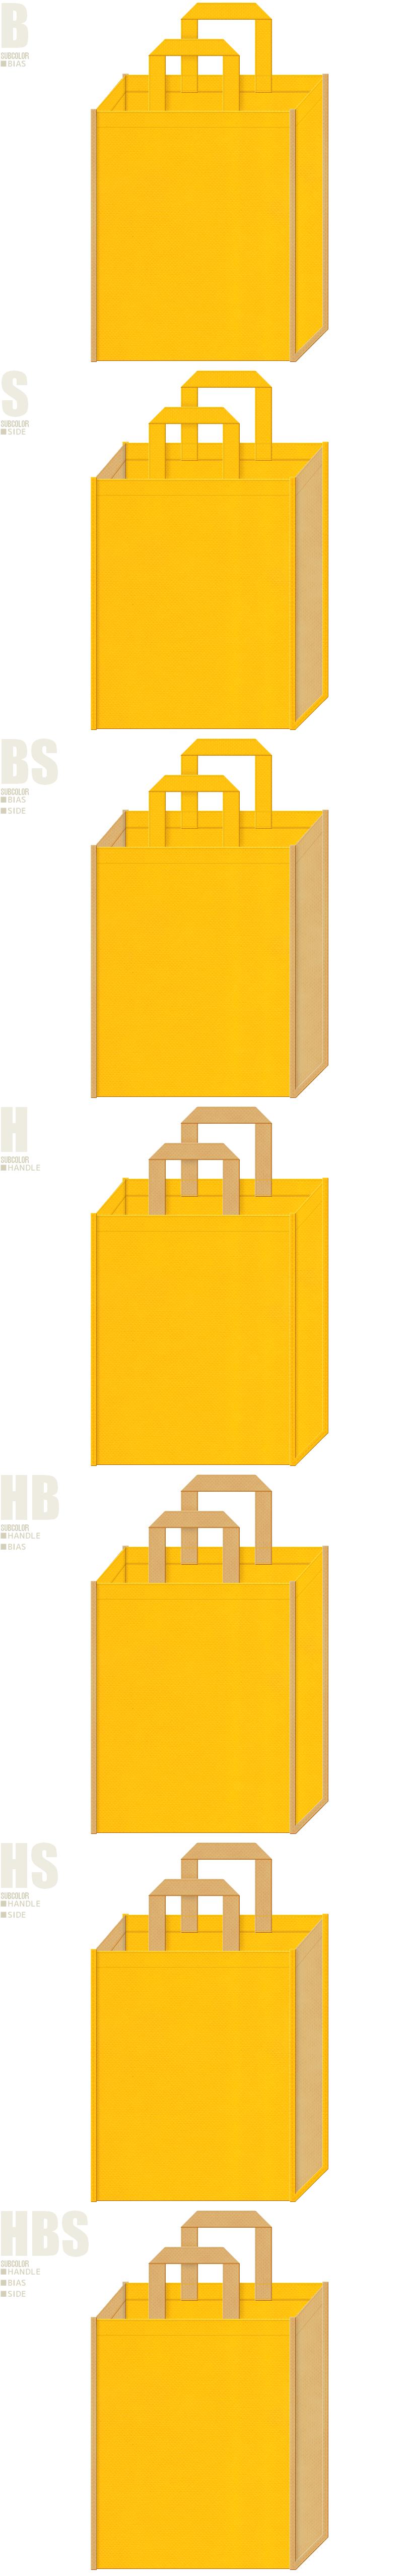 スイーツにお奨めの不織布バッグデザイン:黄色と薄黄土色の不織布バッグ配色7パターン。